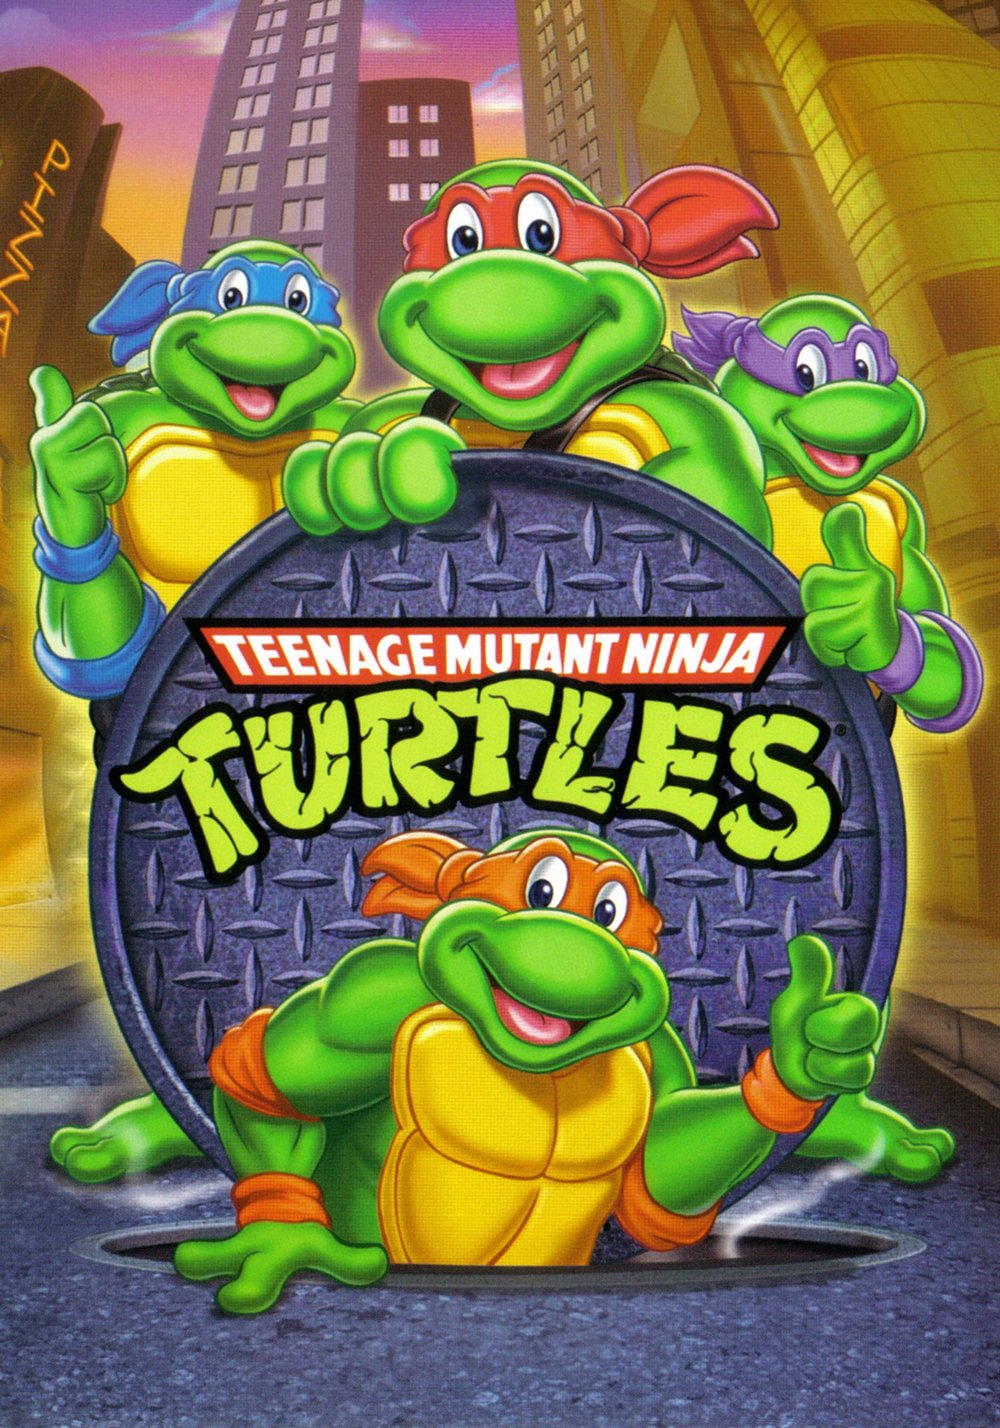 Teenage Mutant Ninja Turtles 2014 Movie Review TMNT Original Cartoon